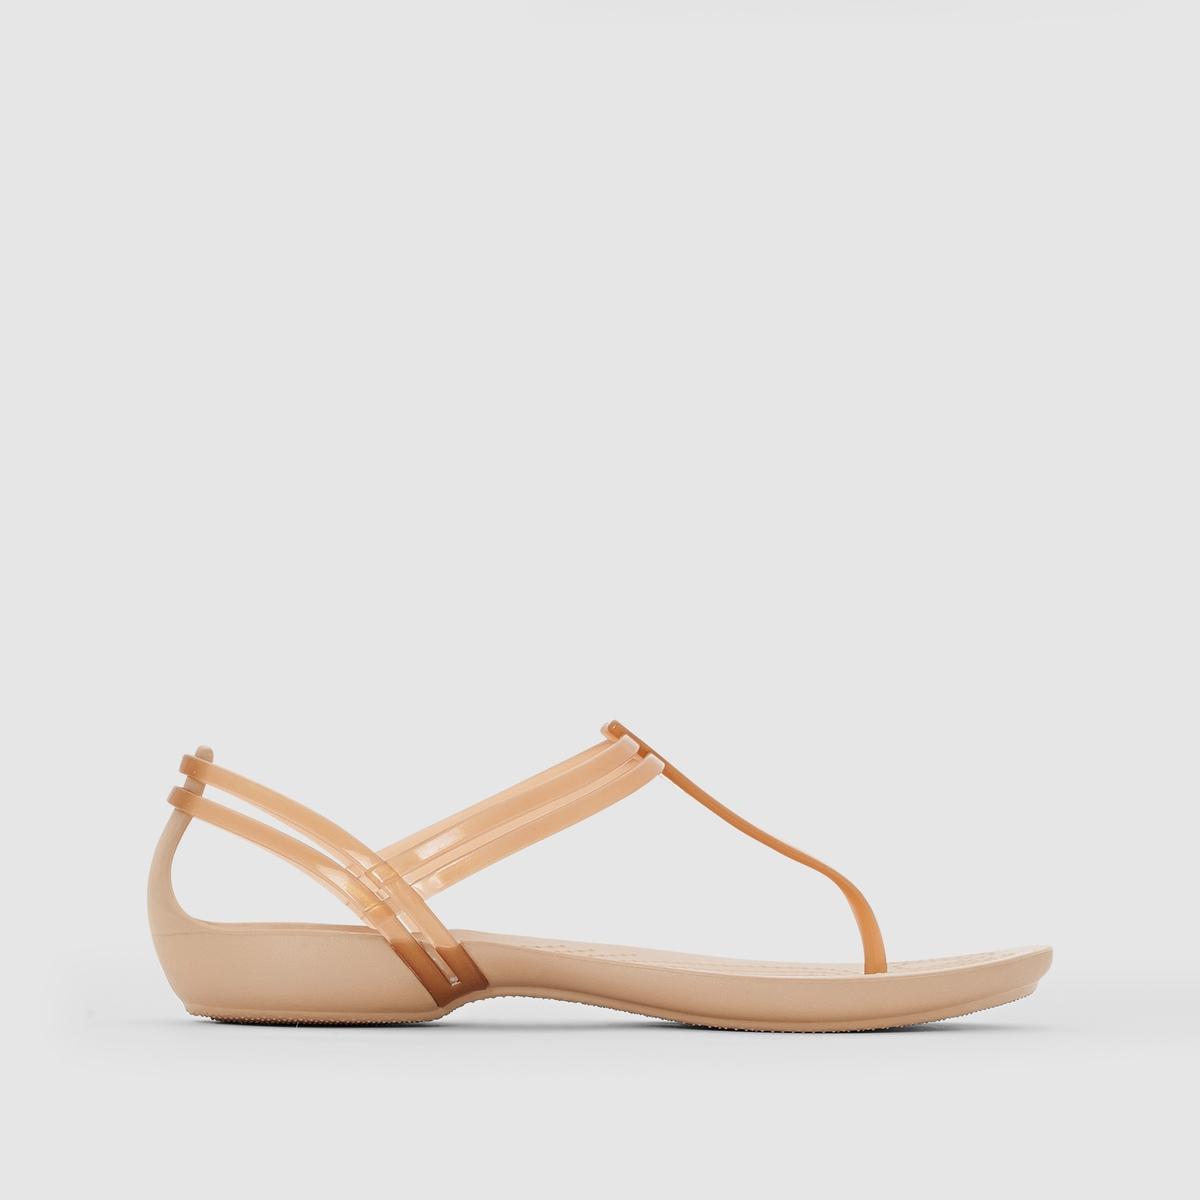 Сандалии ISABELLA T STRAPЛёгкие, яркие и забавные одновременно плоские сандалии с перемычкой между пальцами... обеспечат вам комфортное лето.      Полупрозрачный и исключительно мягкий термопластик повторяет форму ноги, а подошва из резины Croslite™ гарантирует комфорт, которым славится и ценится Crocs.<br><br>Цвет: бронзовый